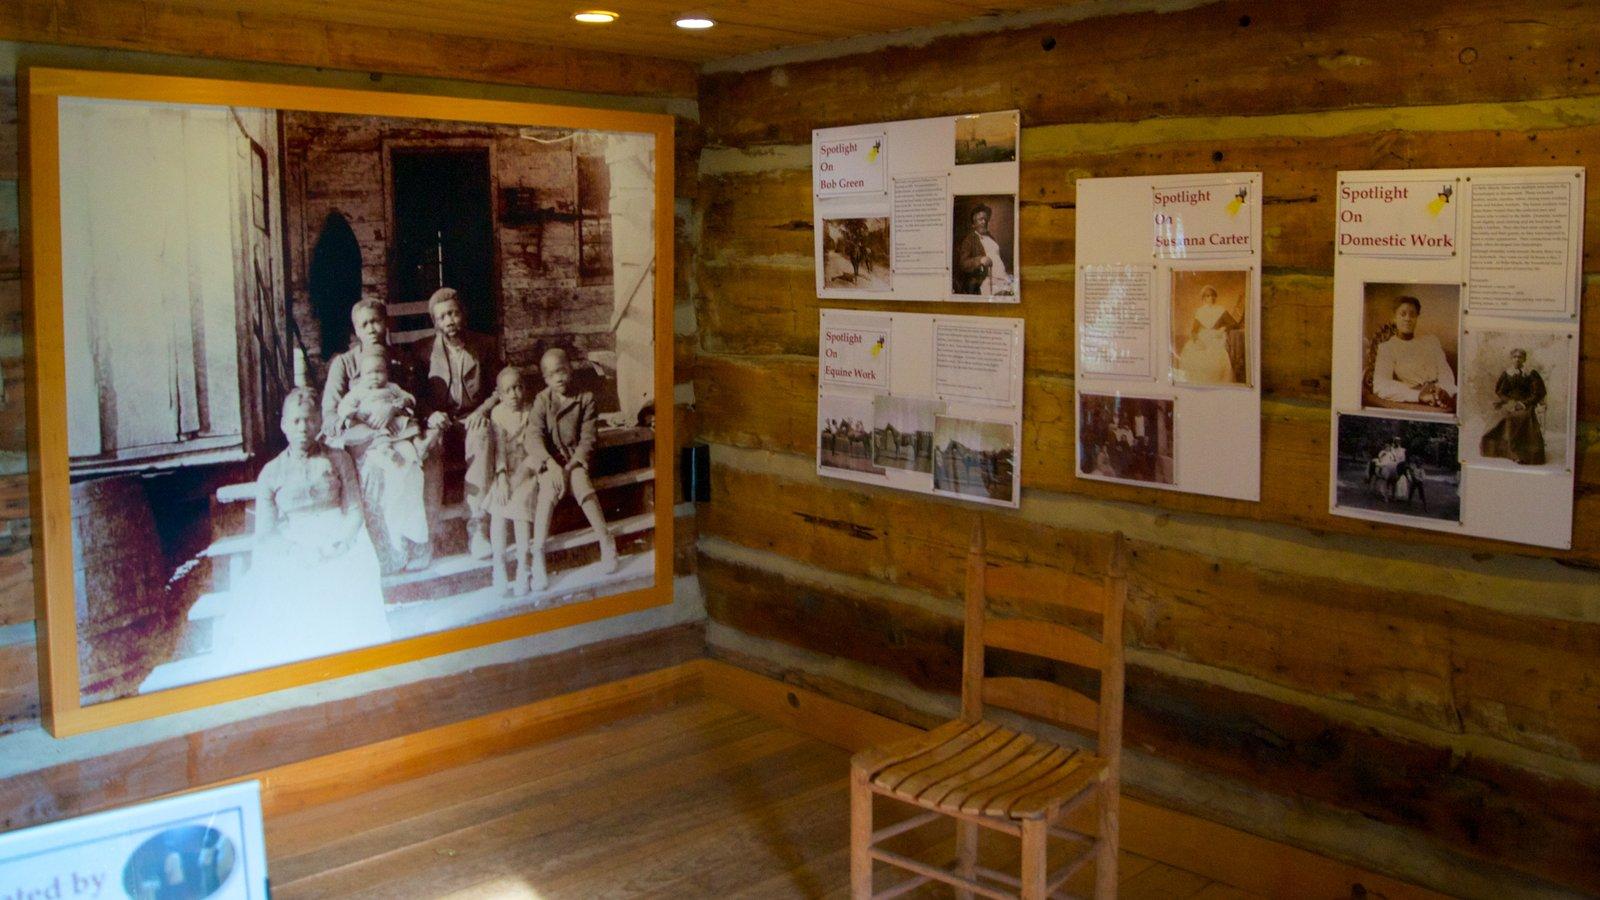 Belle Meade Plantation ofreciendo vistas interiores